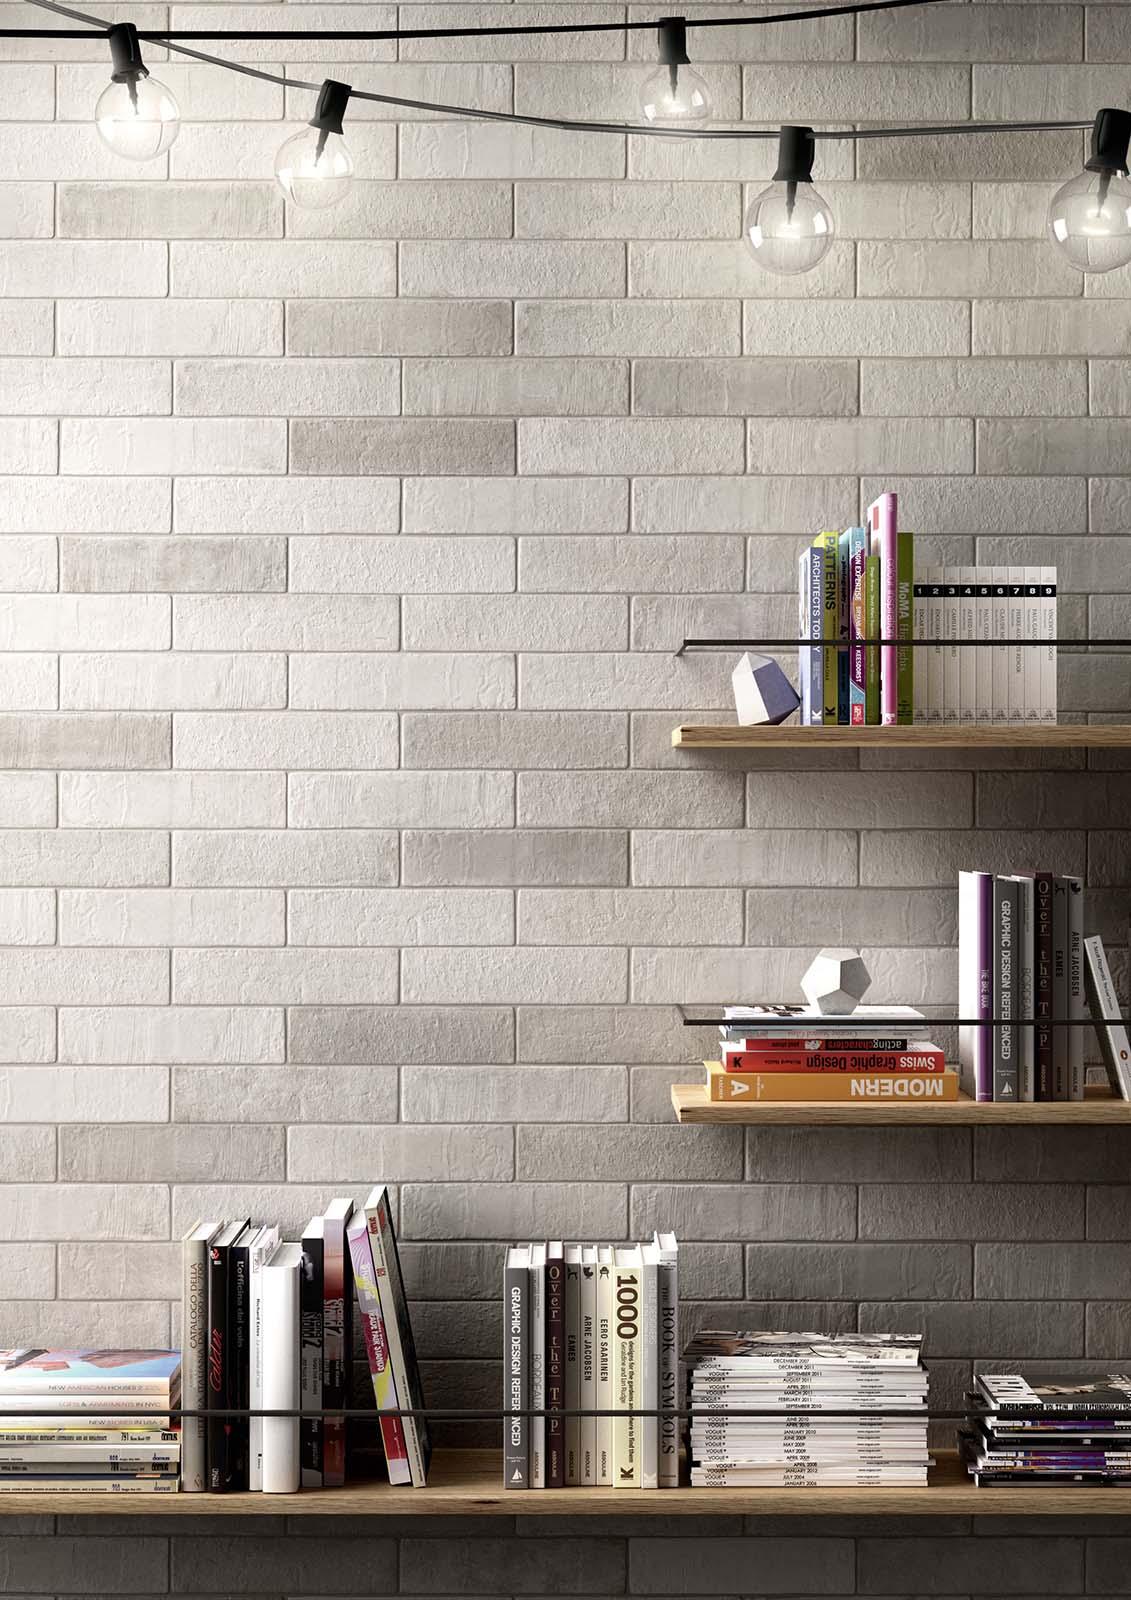 Piastrelle per rivestimenti cucina bagno doccia marazzi for Pannelli per coprire piastrelle cucina casa